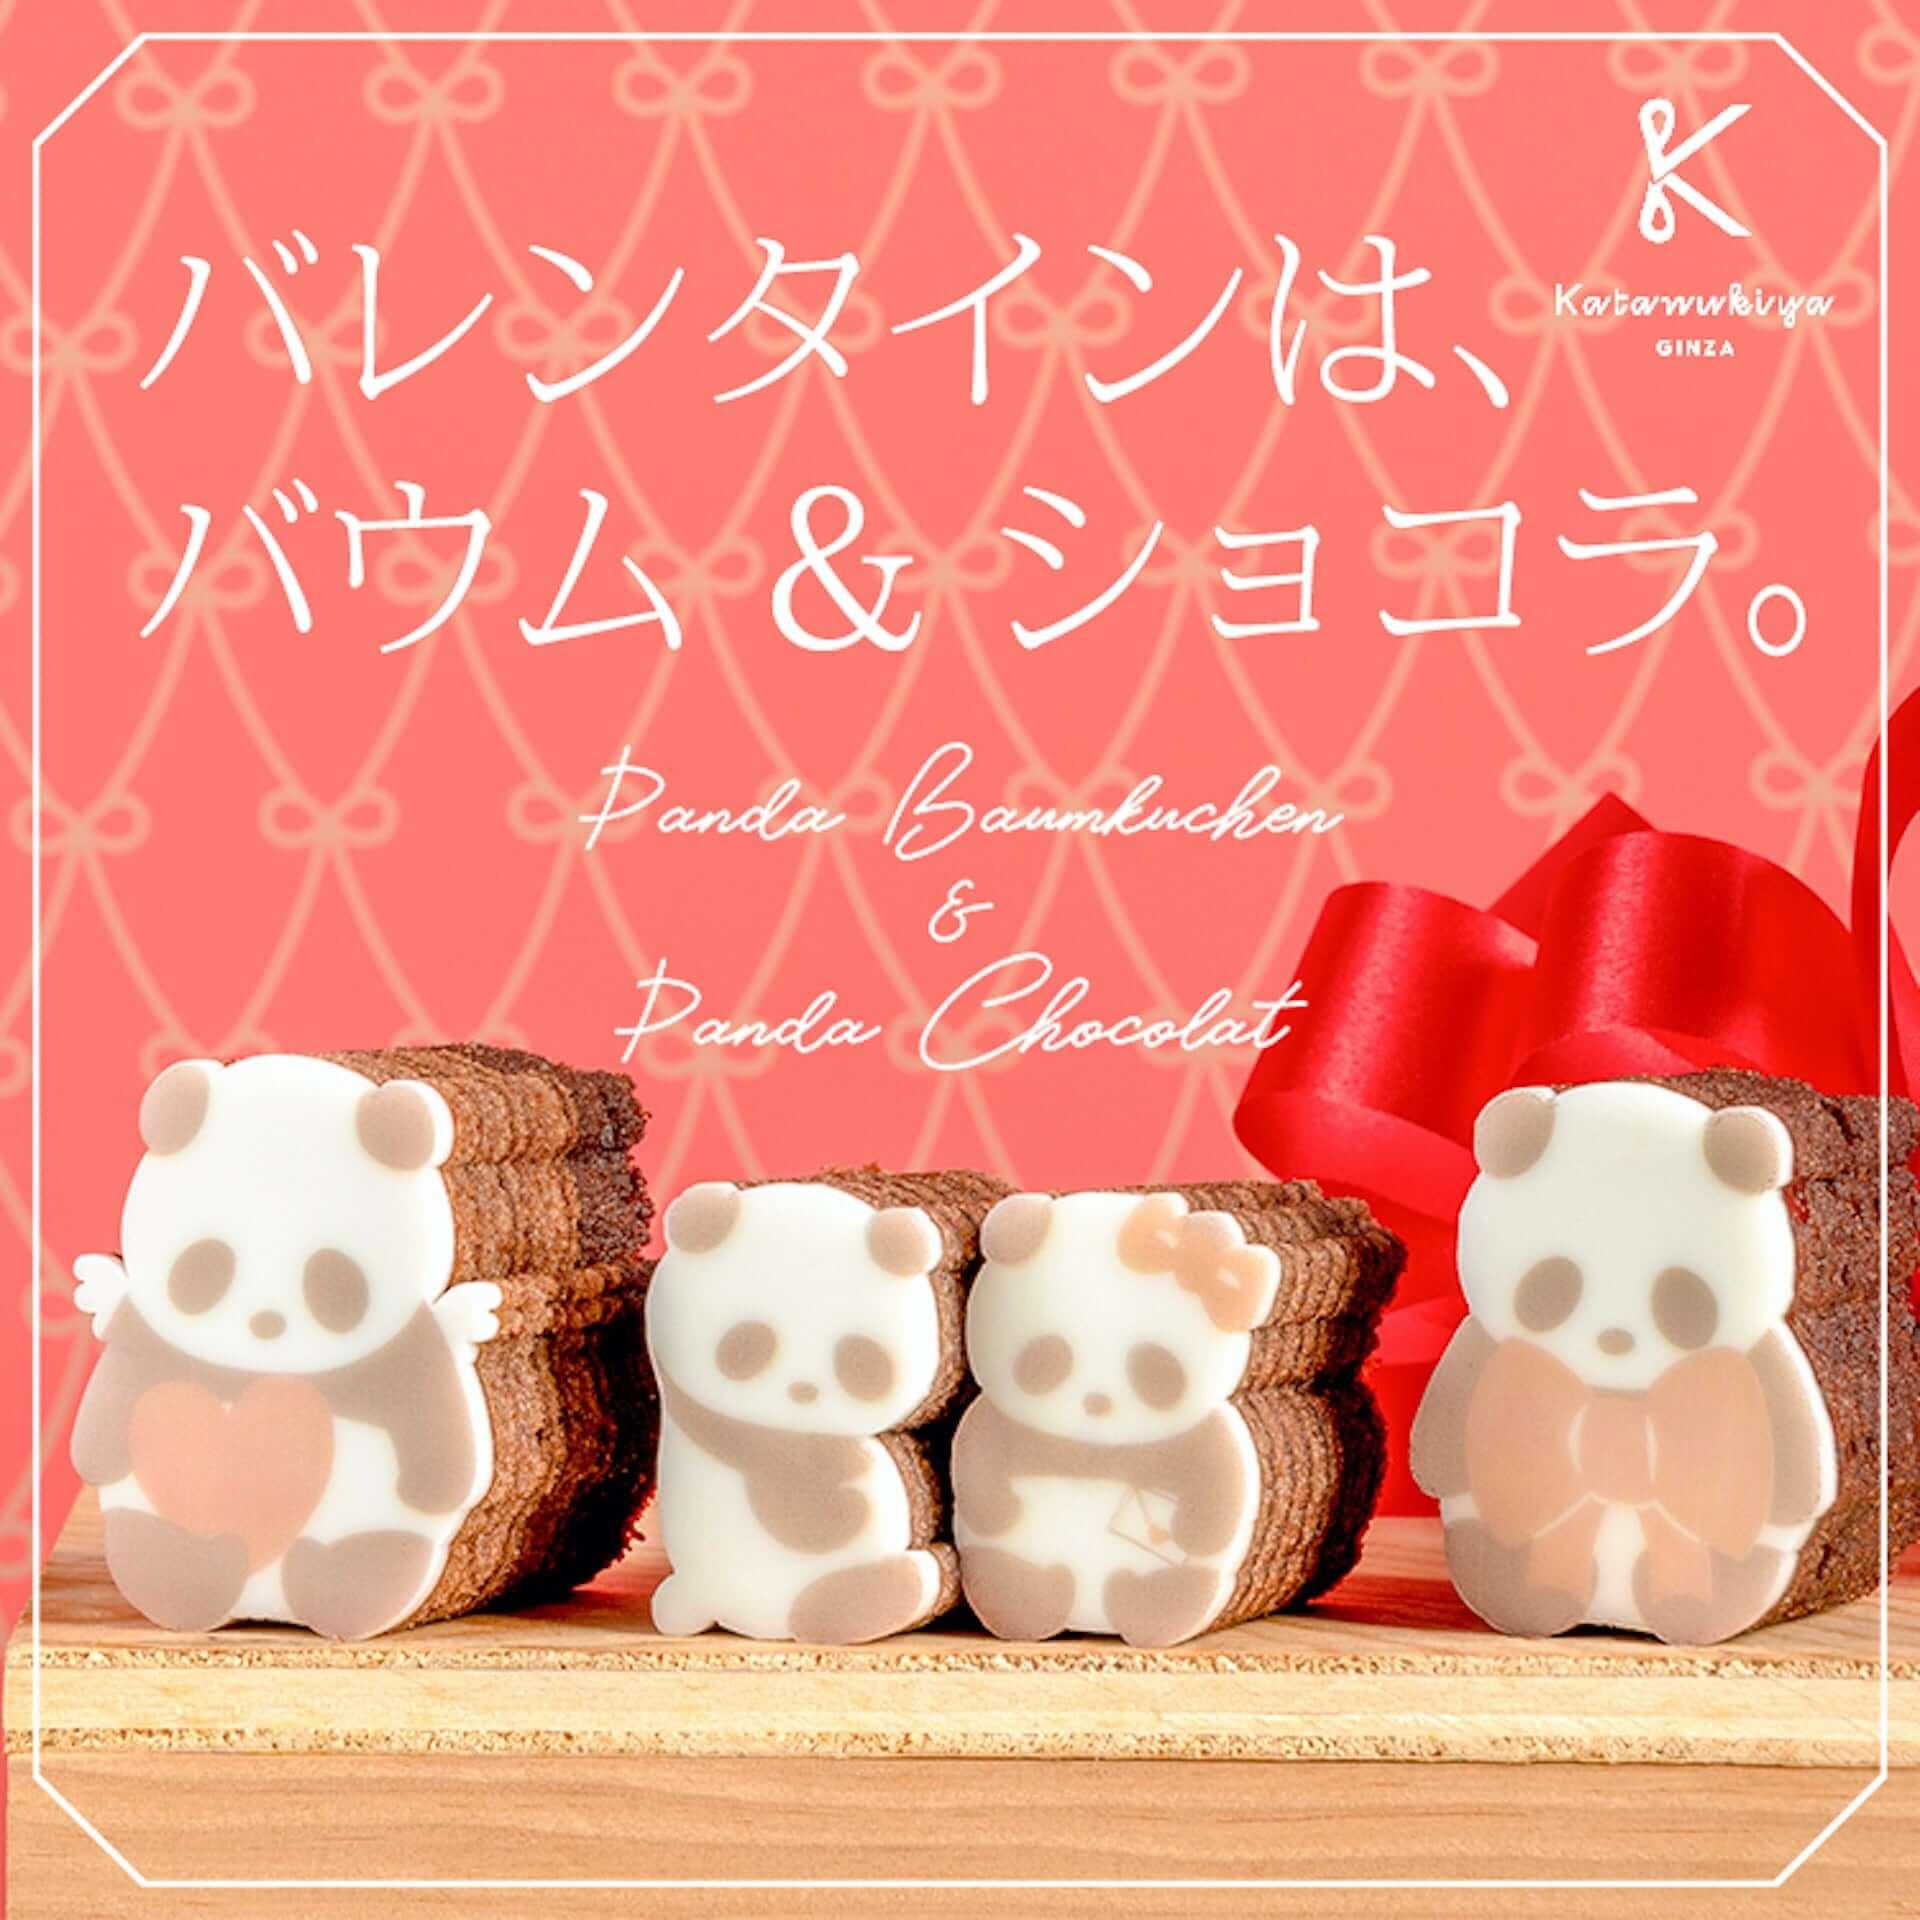 型ぬきができるバウムクーヘン『パンダバウム』にバレンタイン限定デザインが登場!ガトーショコラやココアバウムなど全3種が発売 gourmet210121_katanuki-ya_1-1920x1920